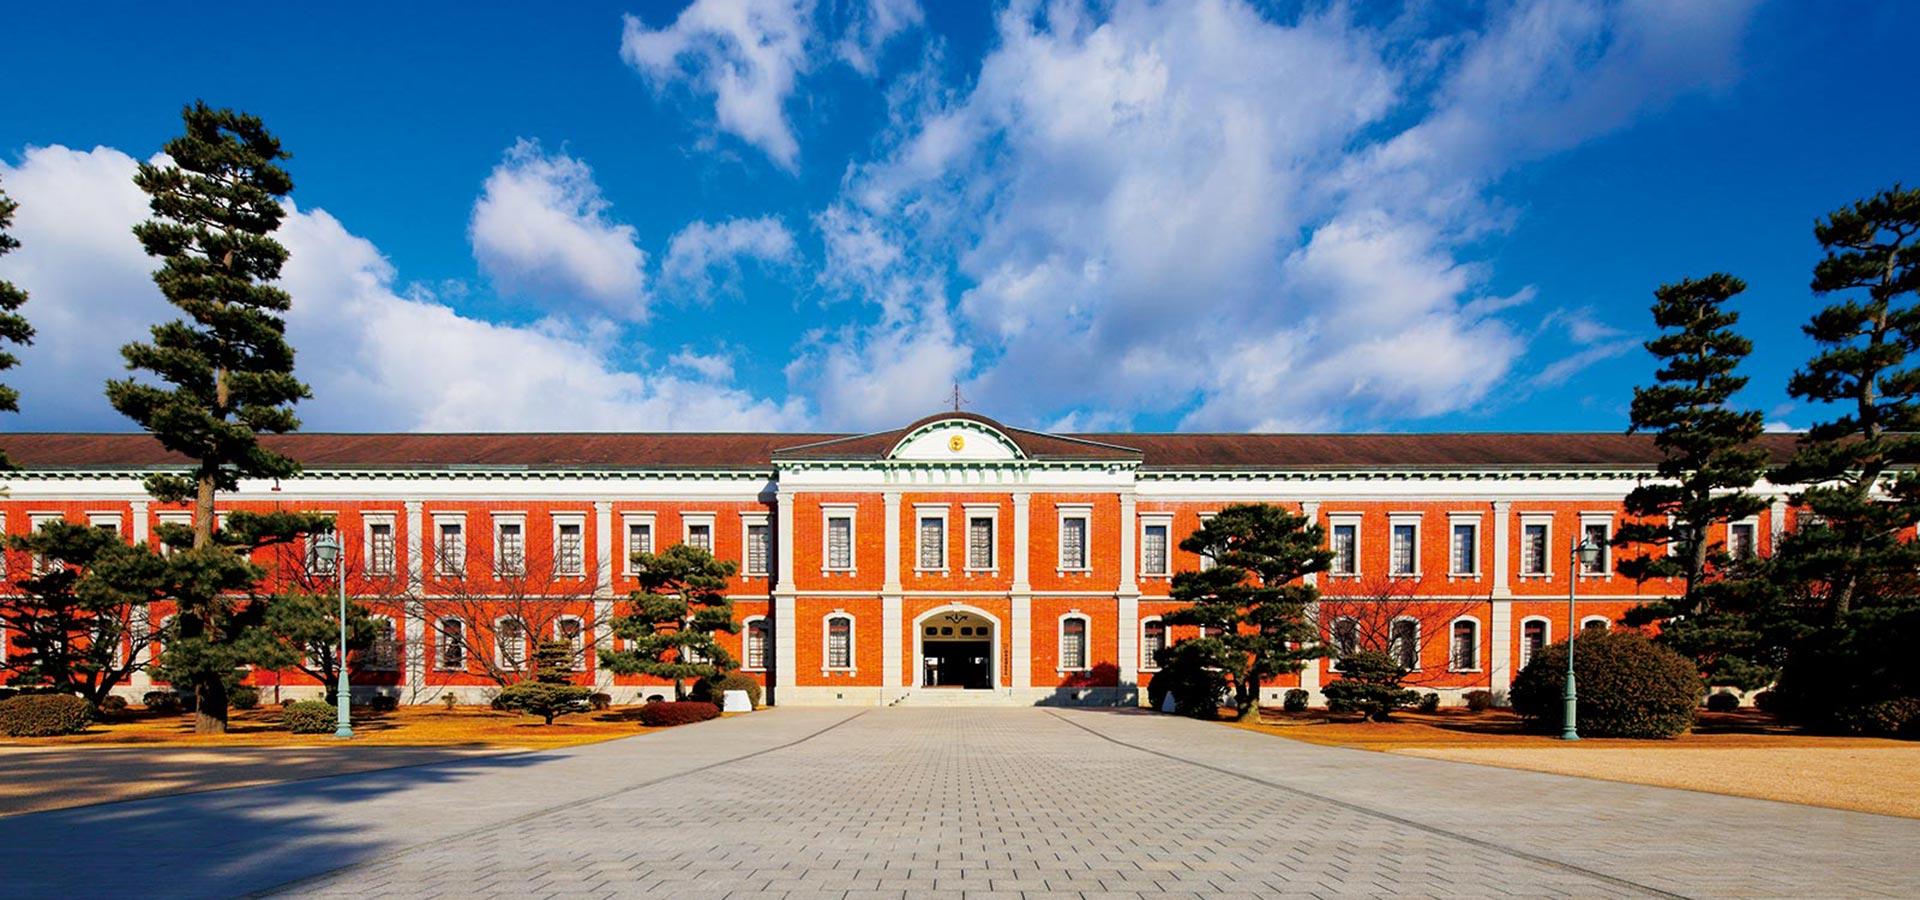 구 일본 해군병학교 (에다지마)